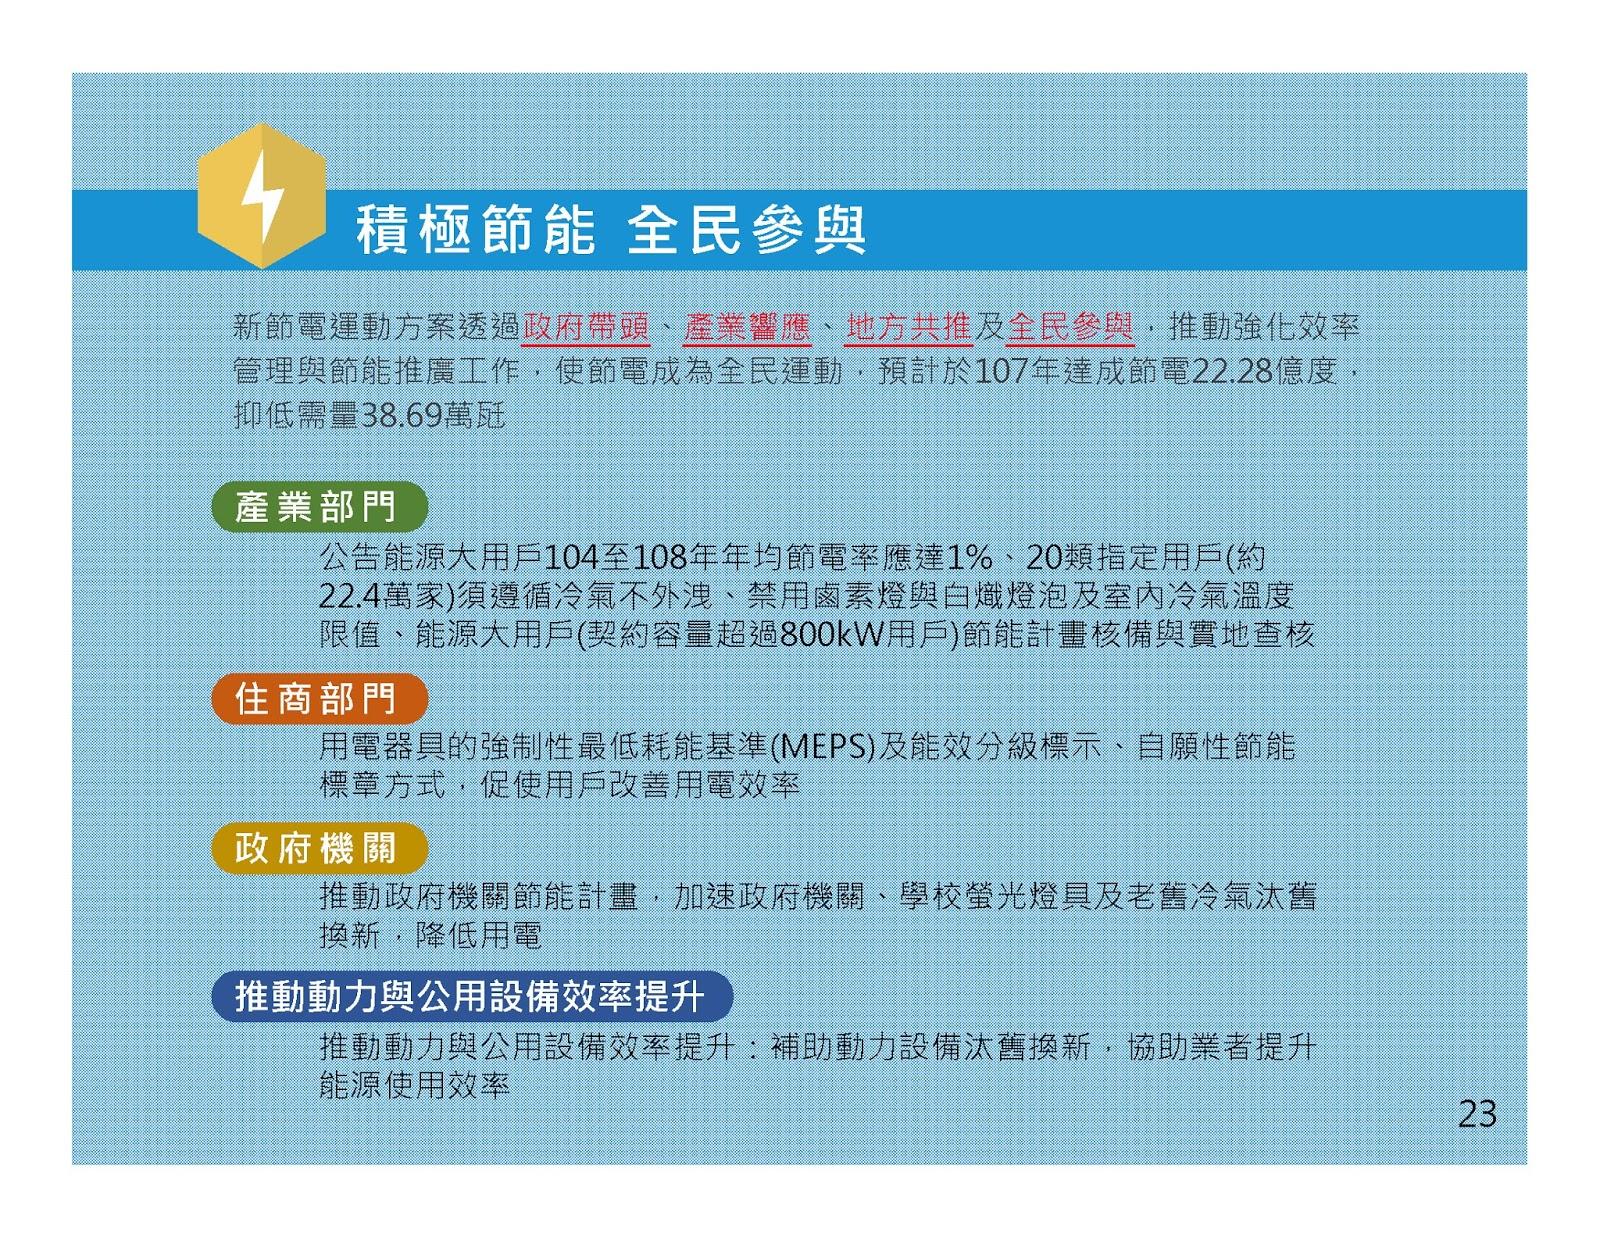 經濟部解決企業投資五缺問題